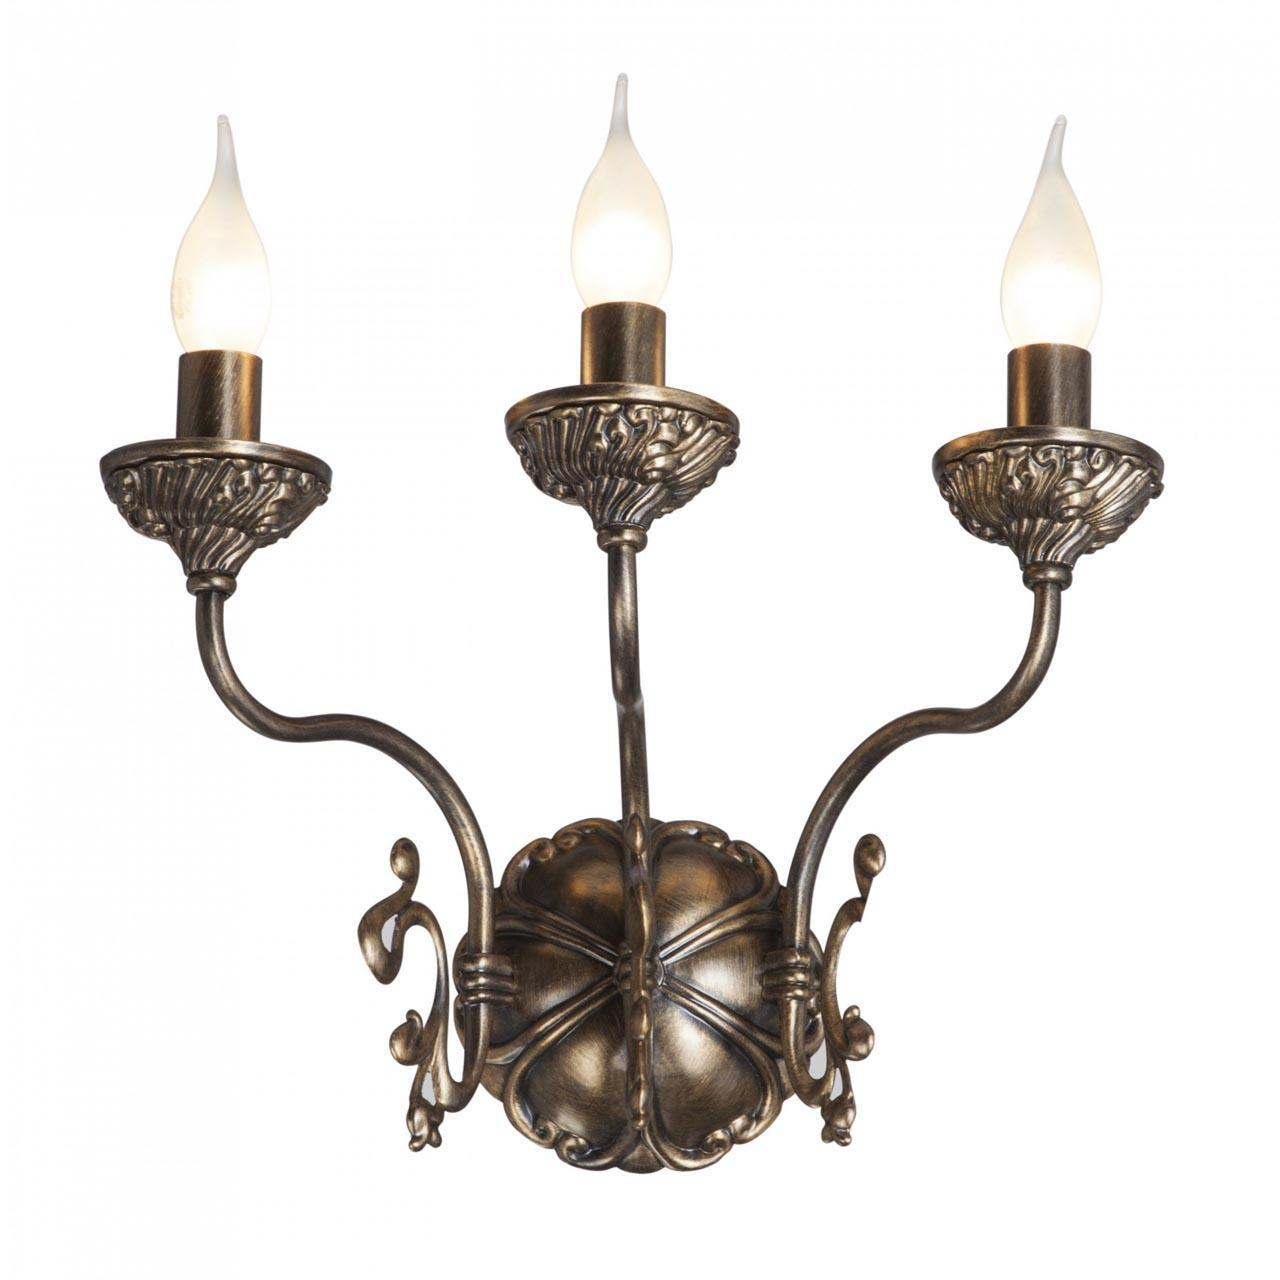 Купить Бра из металла коричневого цвета, inmyroom, Россия